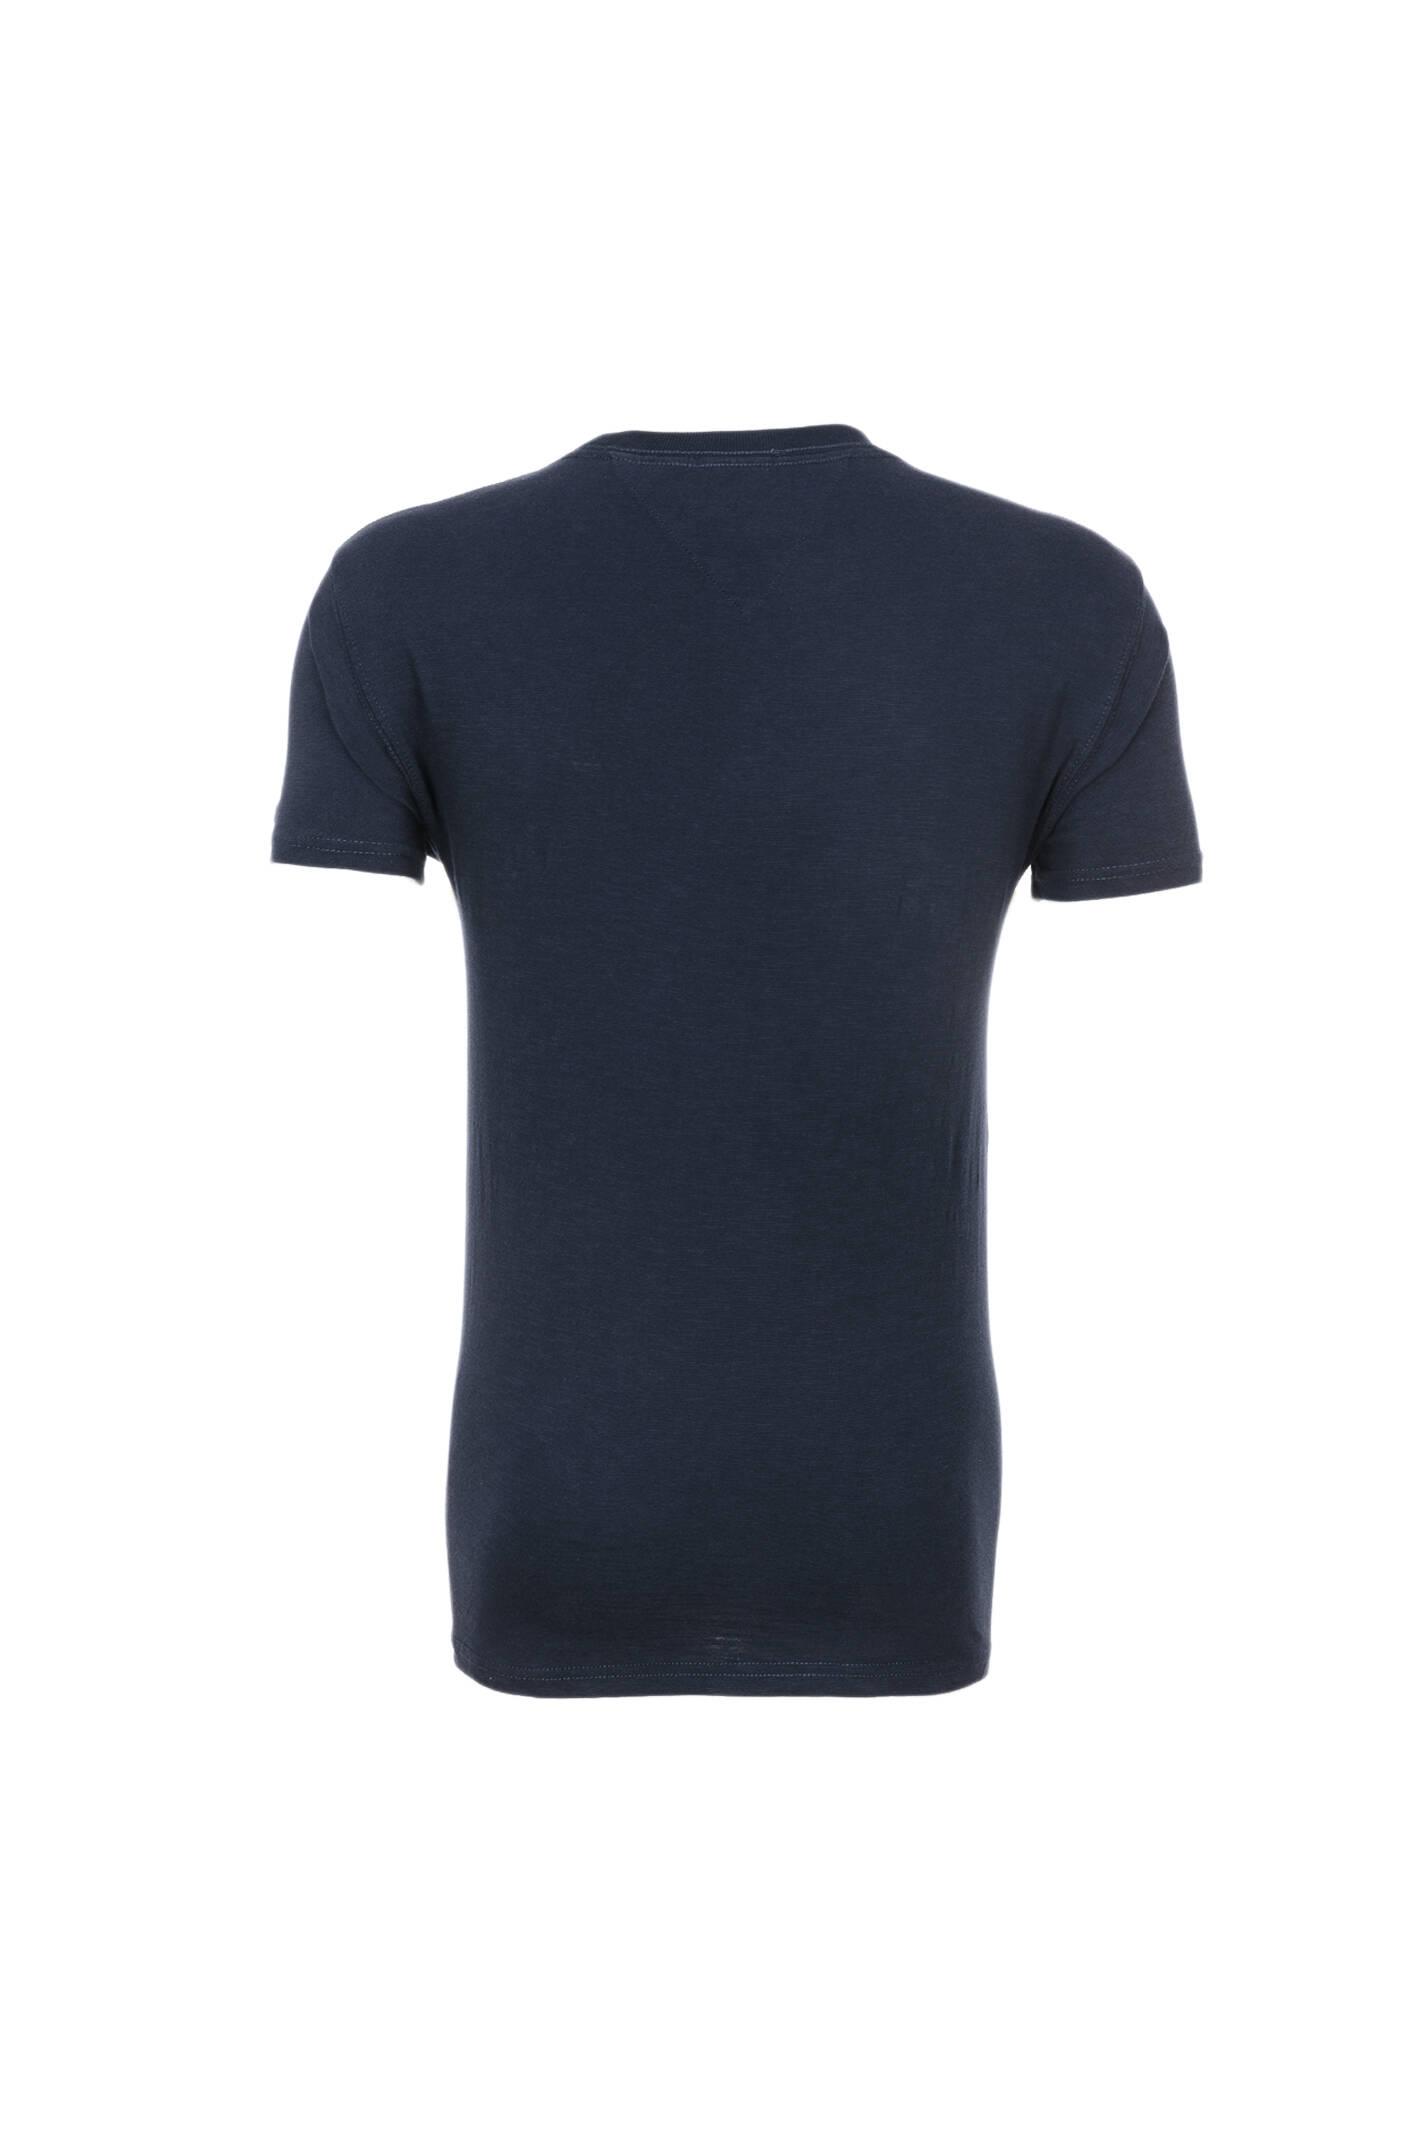 shirt hilfiger denim navy blue t shirts. Black Bedroom Furniture Sets. Home Design Ideas